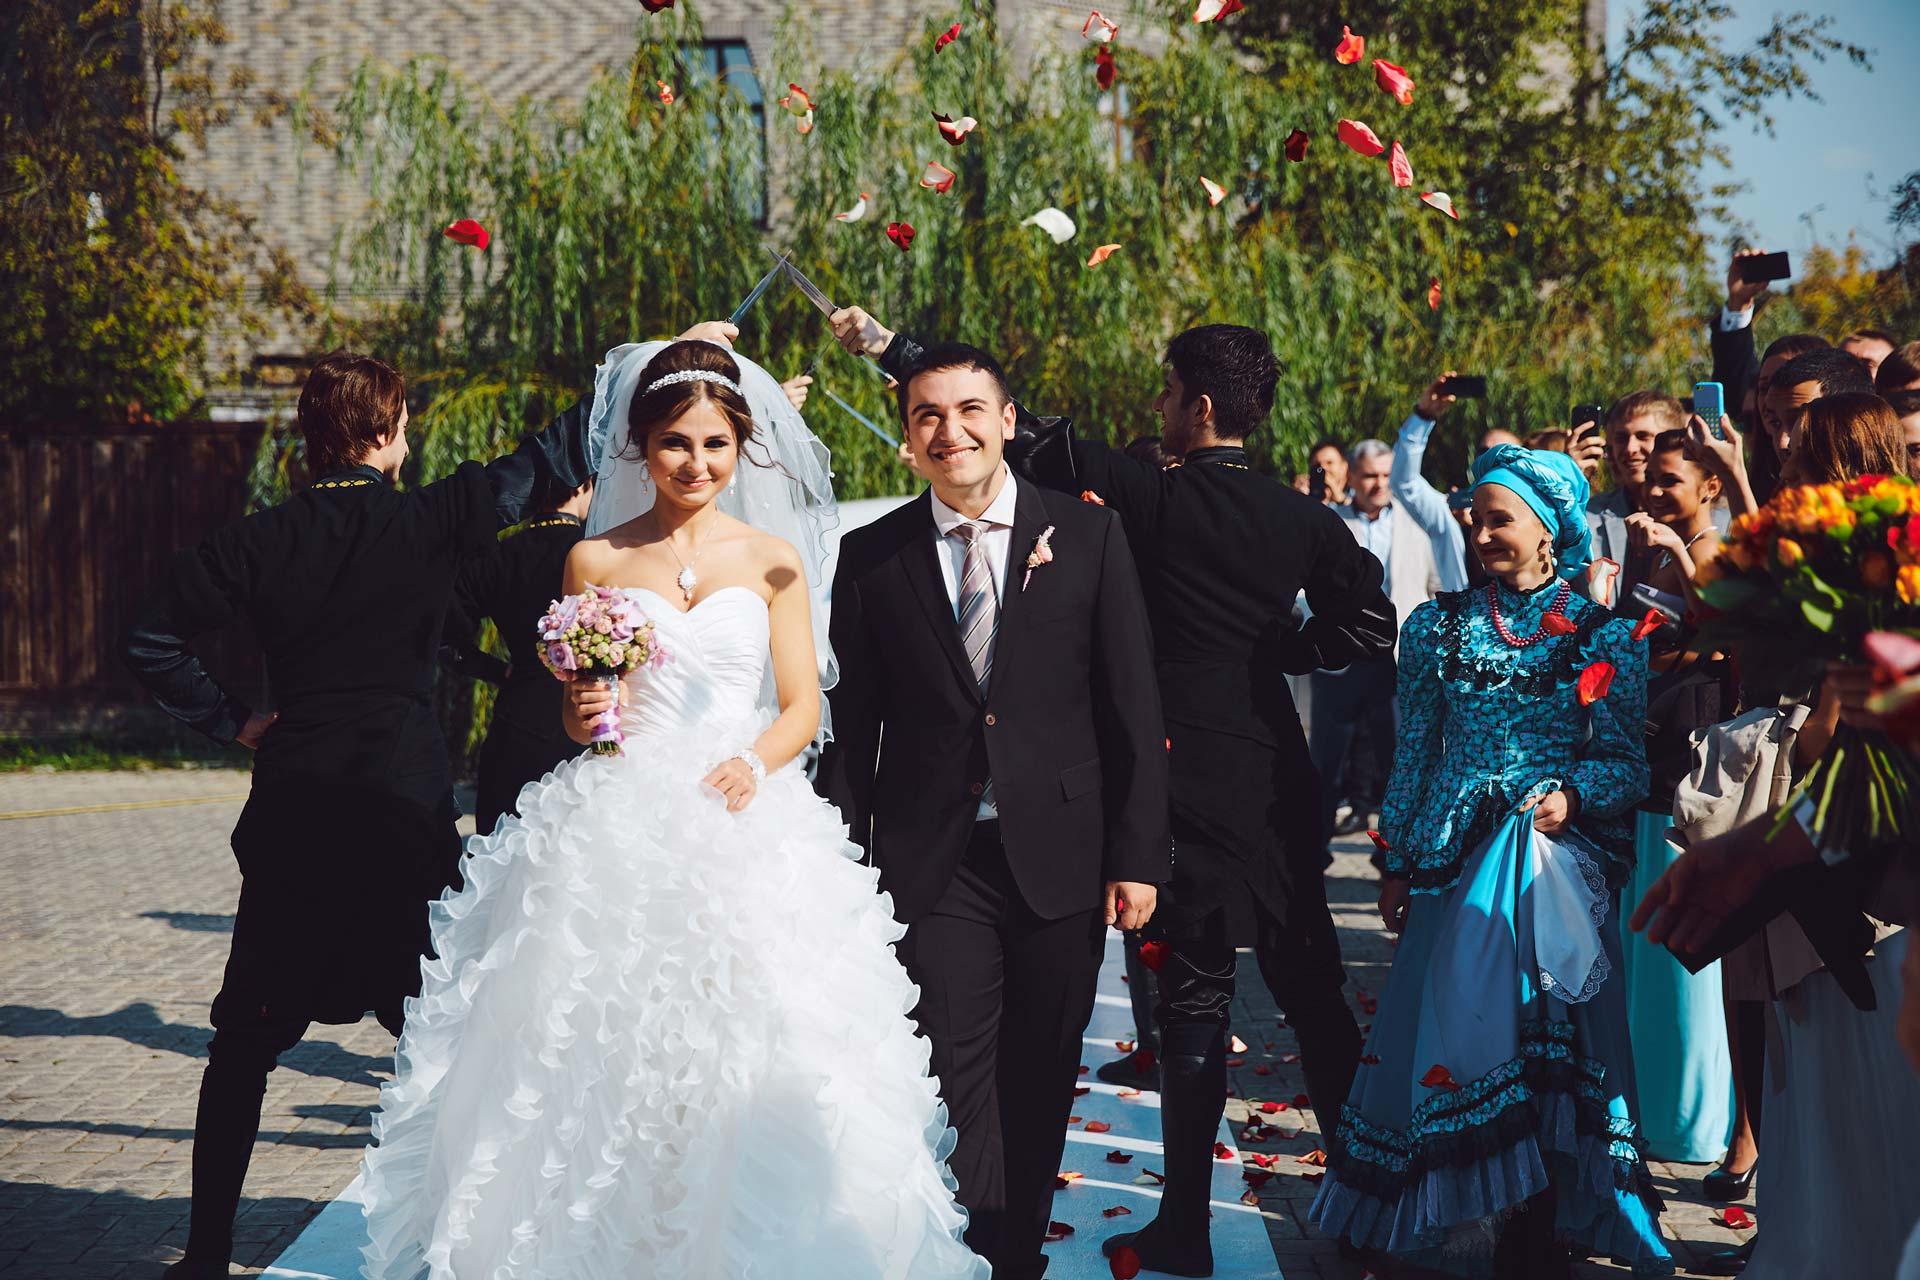 Мифология и национальные традиции. Свадьба Александра и Татьяны фото 11